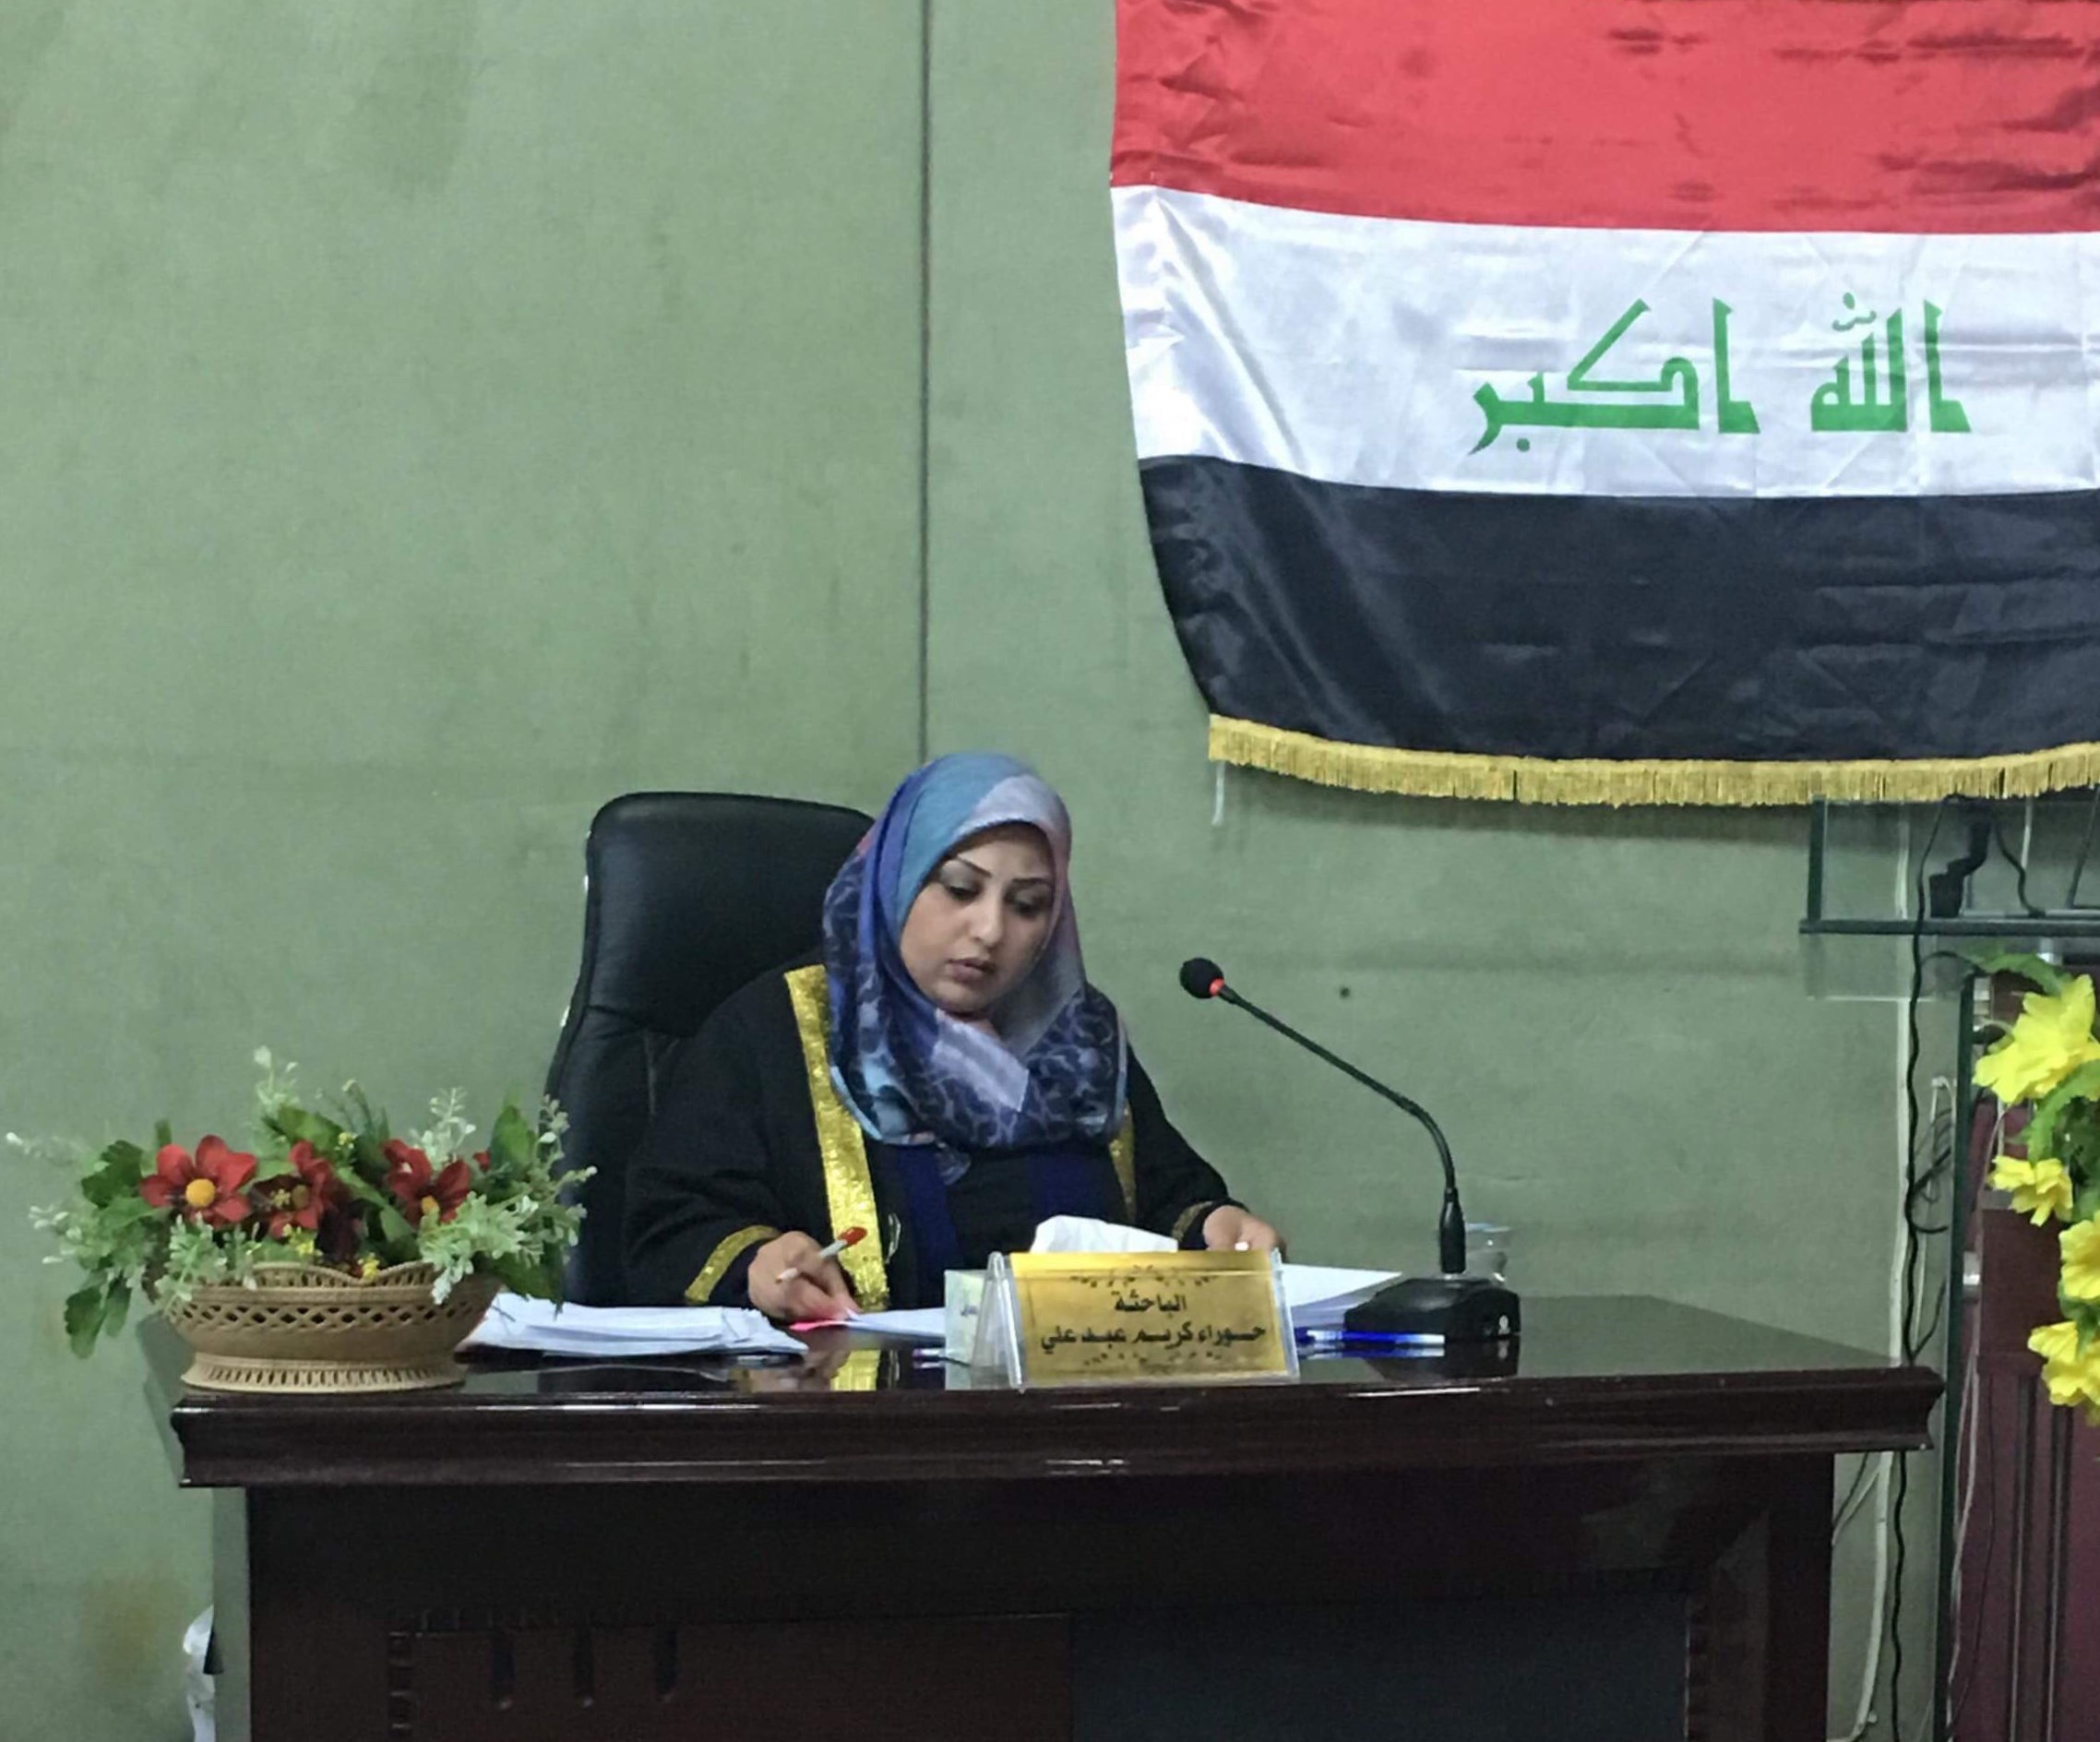 كلية التمريض تناقش رسالة ماجستير حول التنمر والعنف بين طالبات المدارس الإعدادية في مدينة بغداد